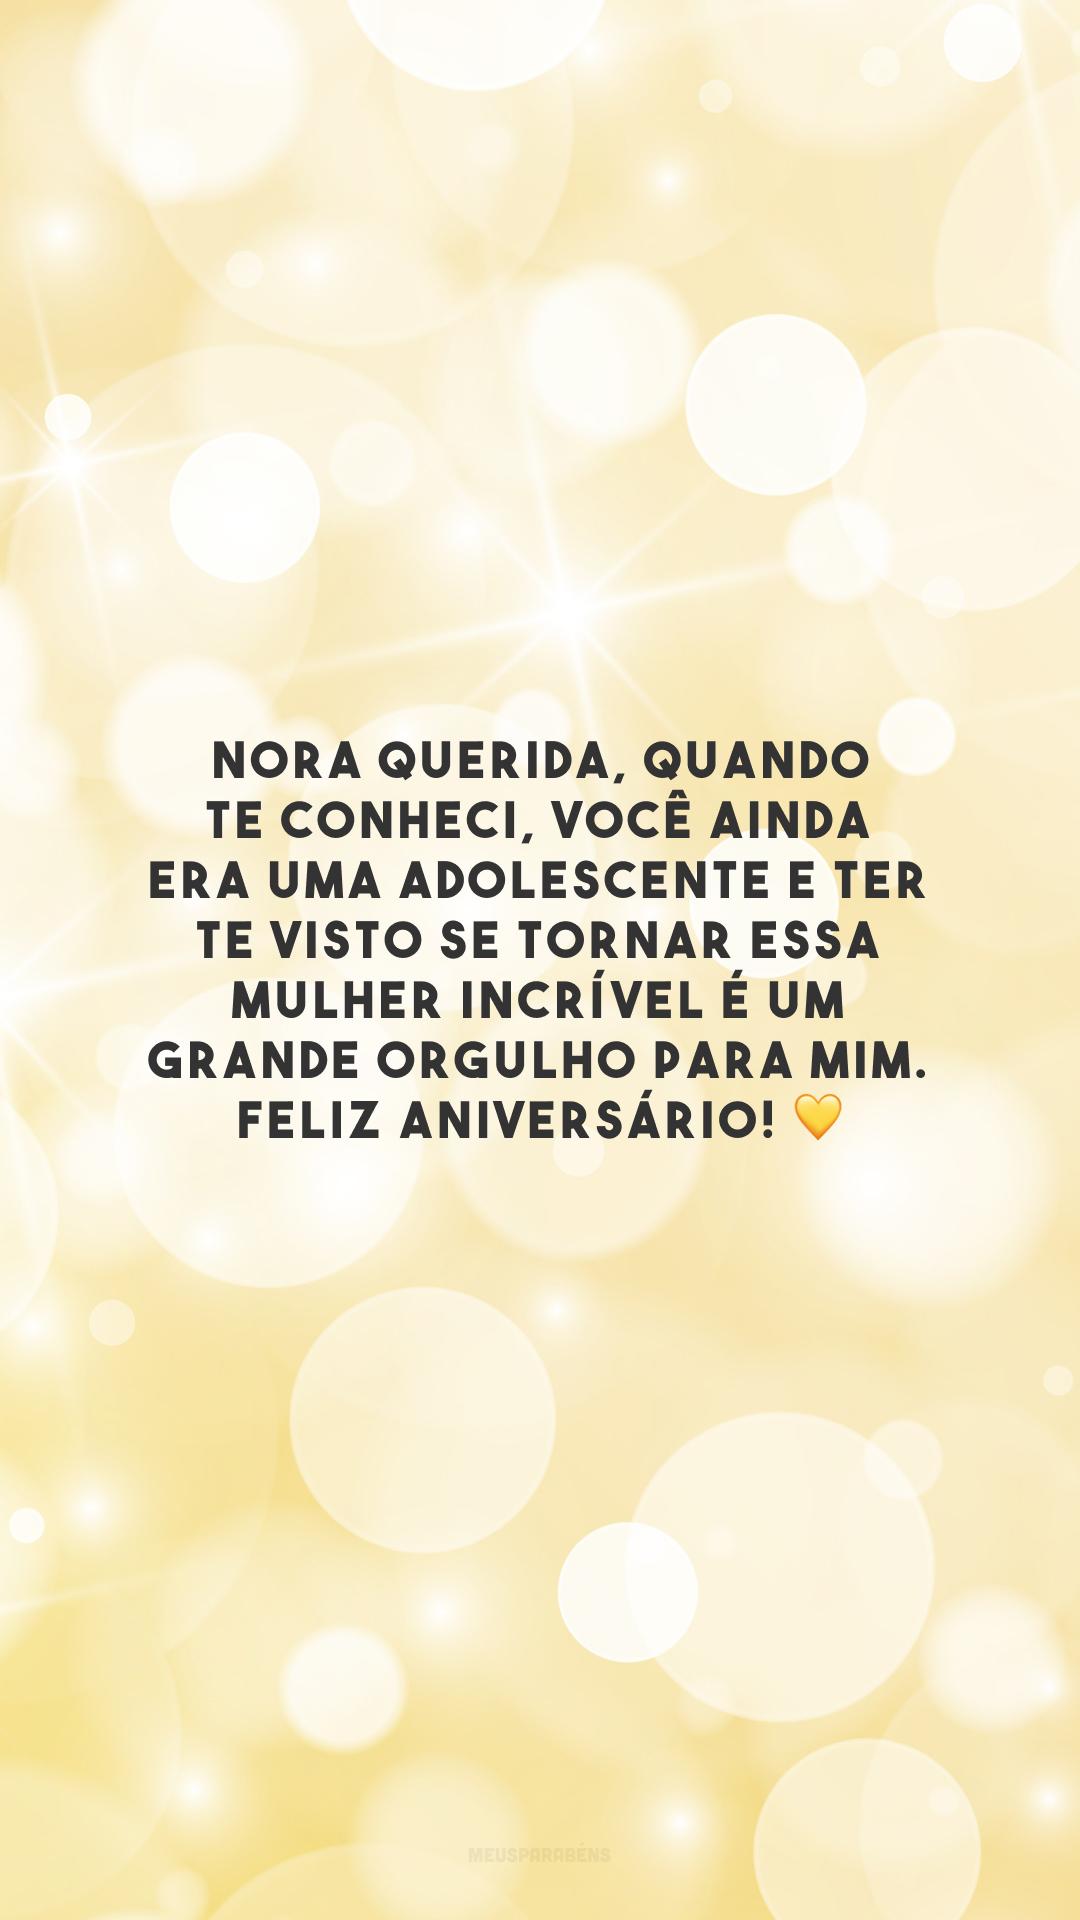 Nora querida, quando te conheci, você ainda era uma adolescente e ter te visto se tornar essa mulher incrível é um grande orgulho para mim. Feliz aniversário! 💛